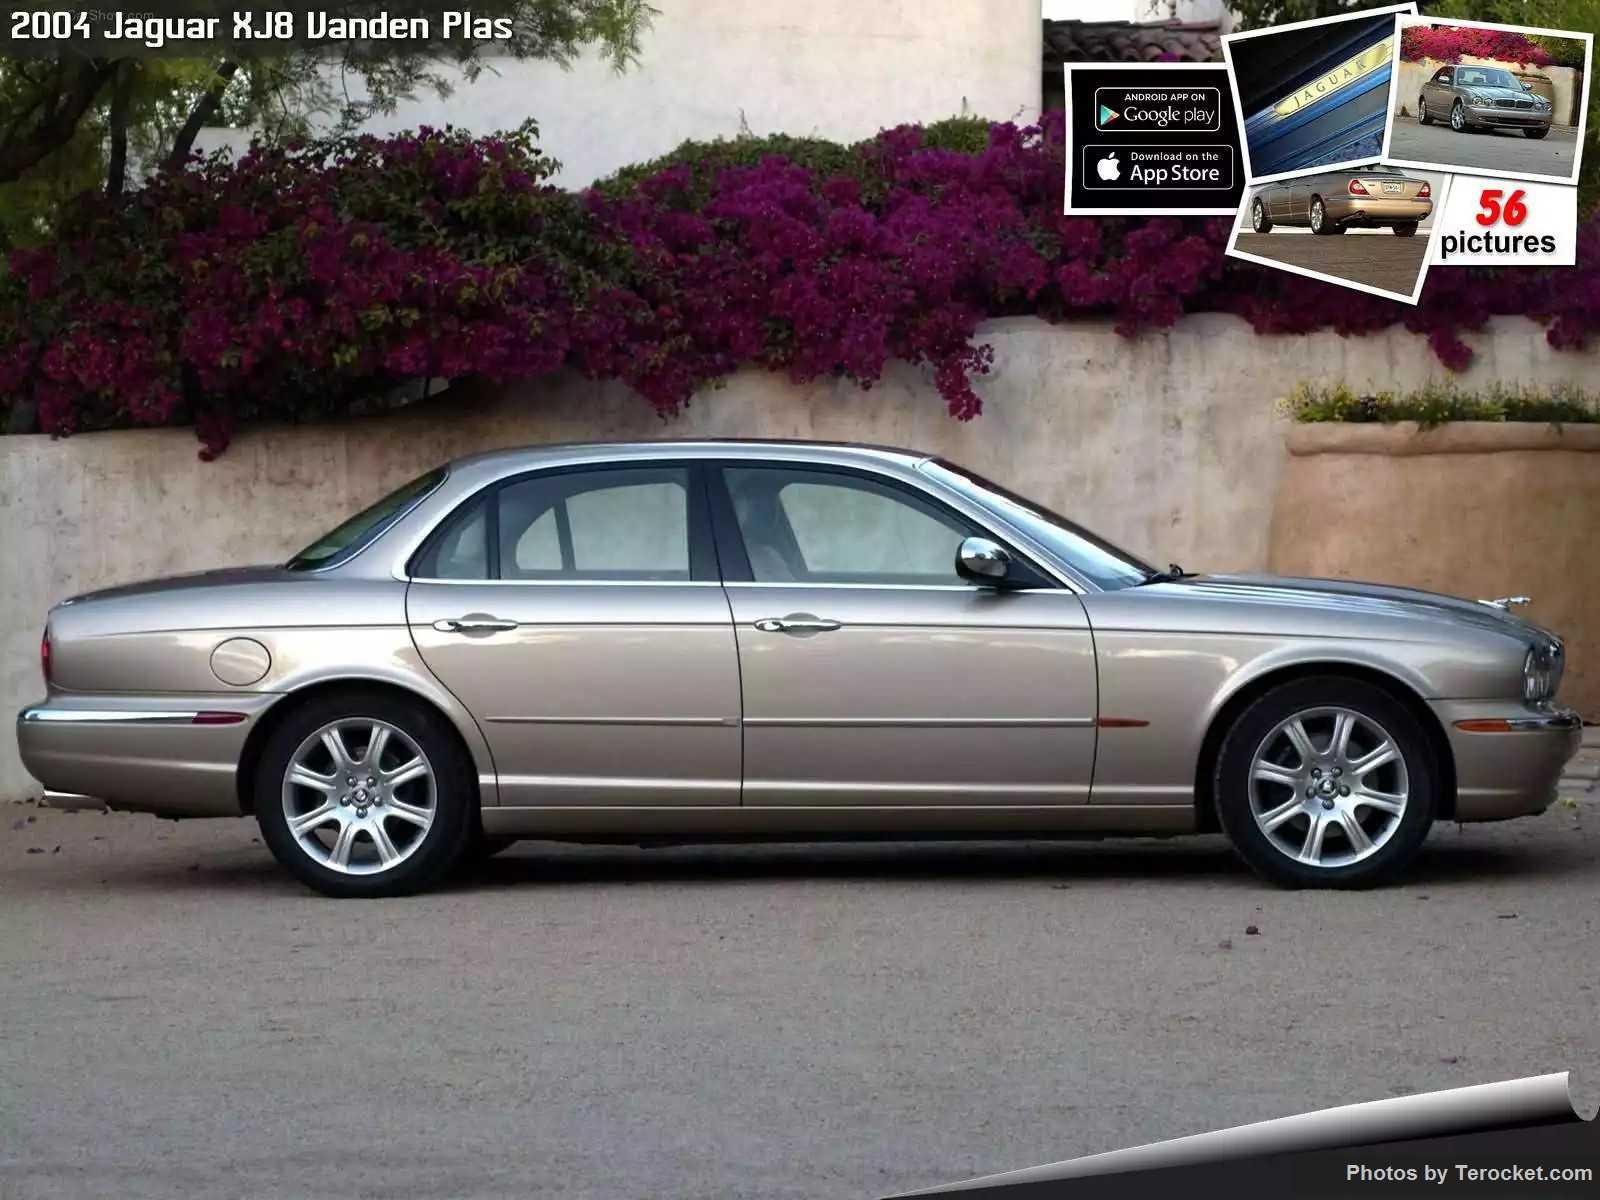 Hình ảnh xe ô tô Jaguar XJ8 Vanden Plas 2004 & nội ngoại thất